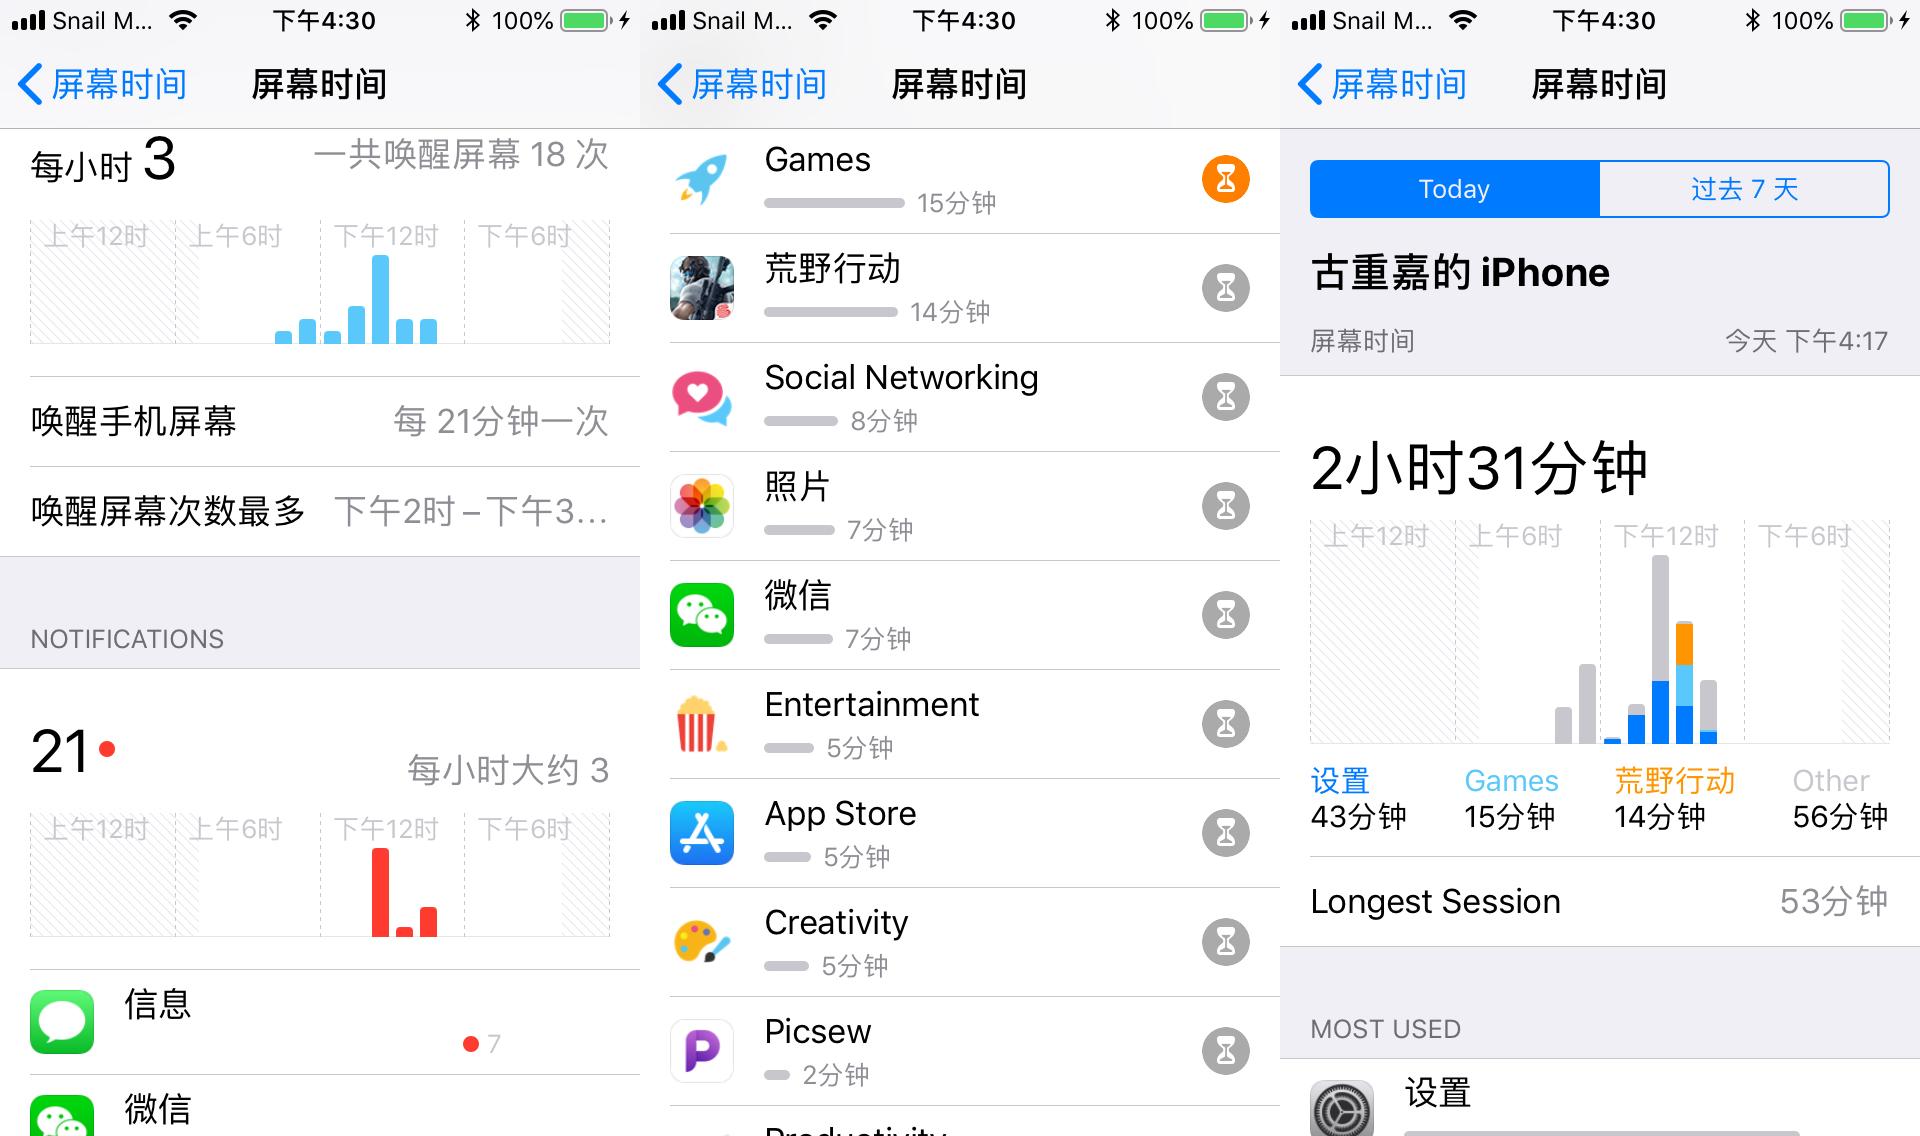 iOS11.4_iOS11.4怎么降级 iOS11.4降级教程 - 软件教程 - 格子啦